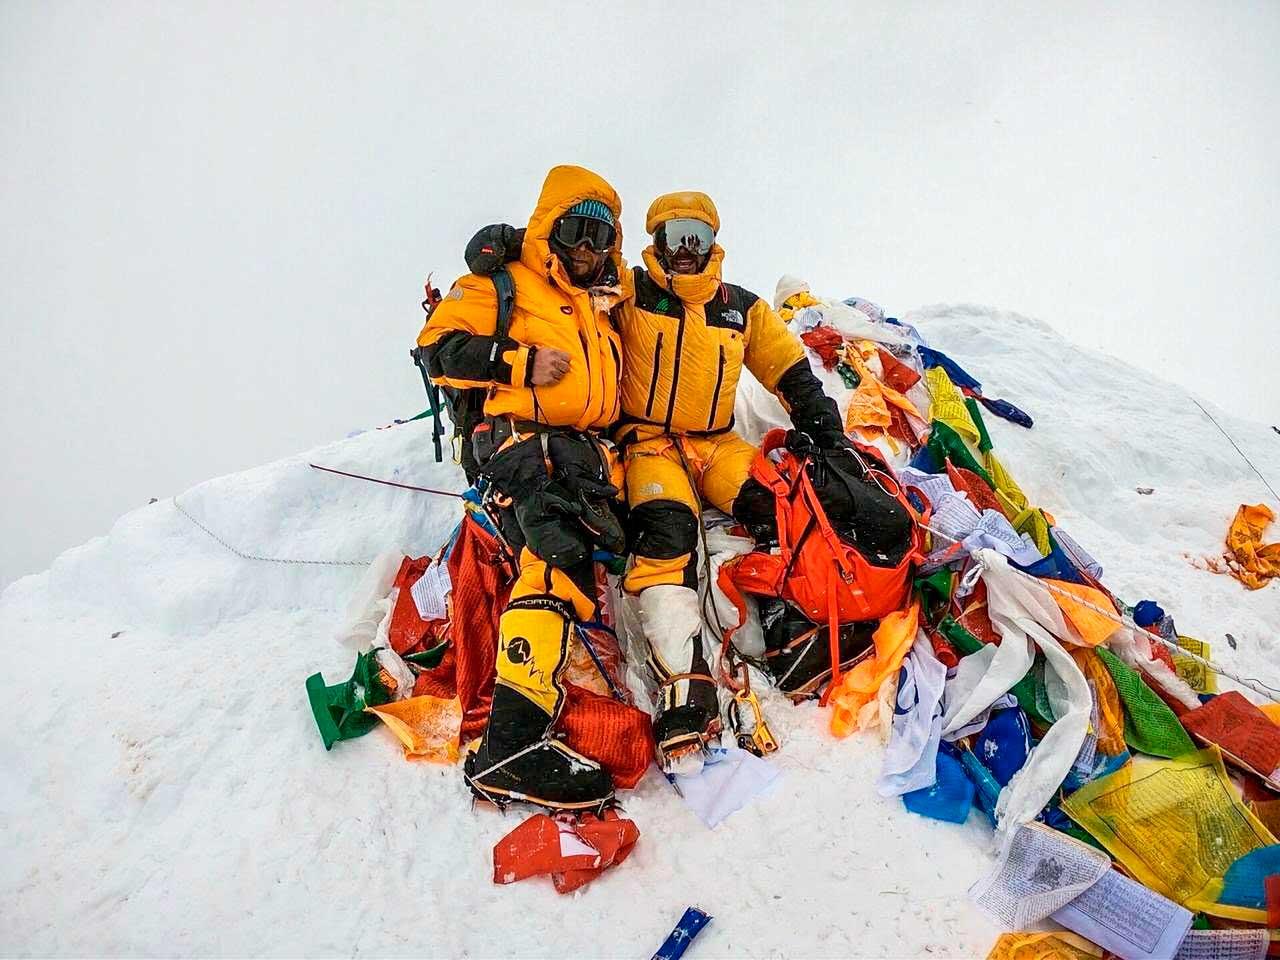 Dos amigos. Juan Pablo Mohr y Moeses Fiamoncini en la cima mayor del planeta.